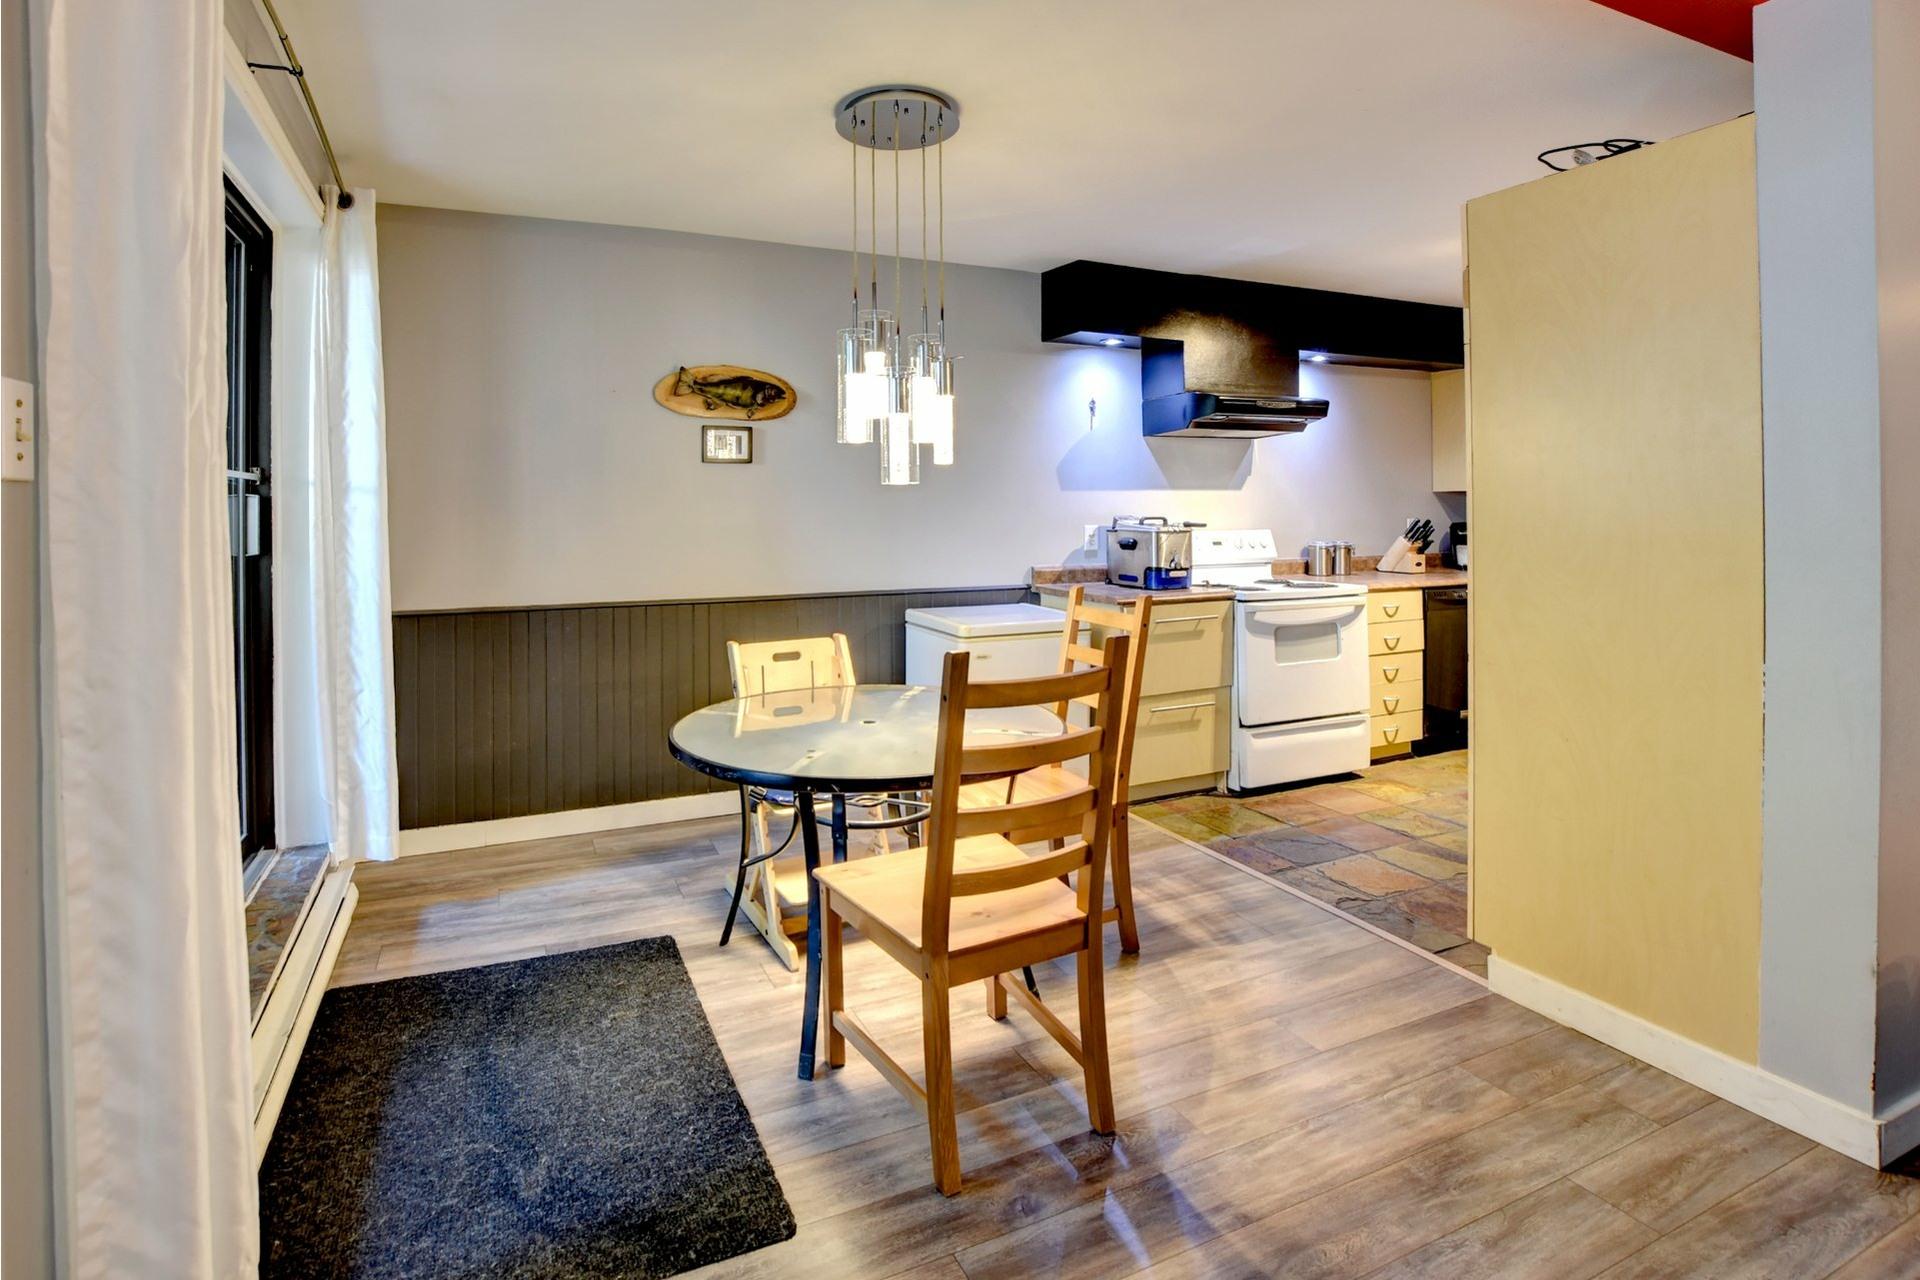 image 5 - Appartement À vendre Rivière-des-Prairies/Pointe-aux-Trembles Montréal  - 6 pièces